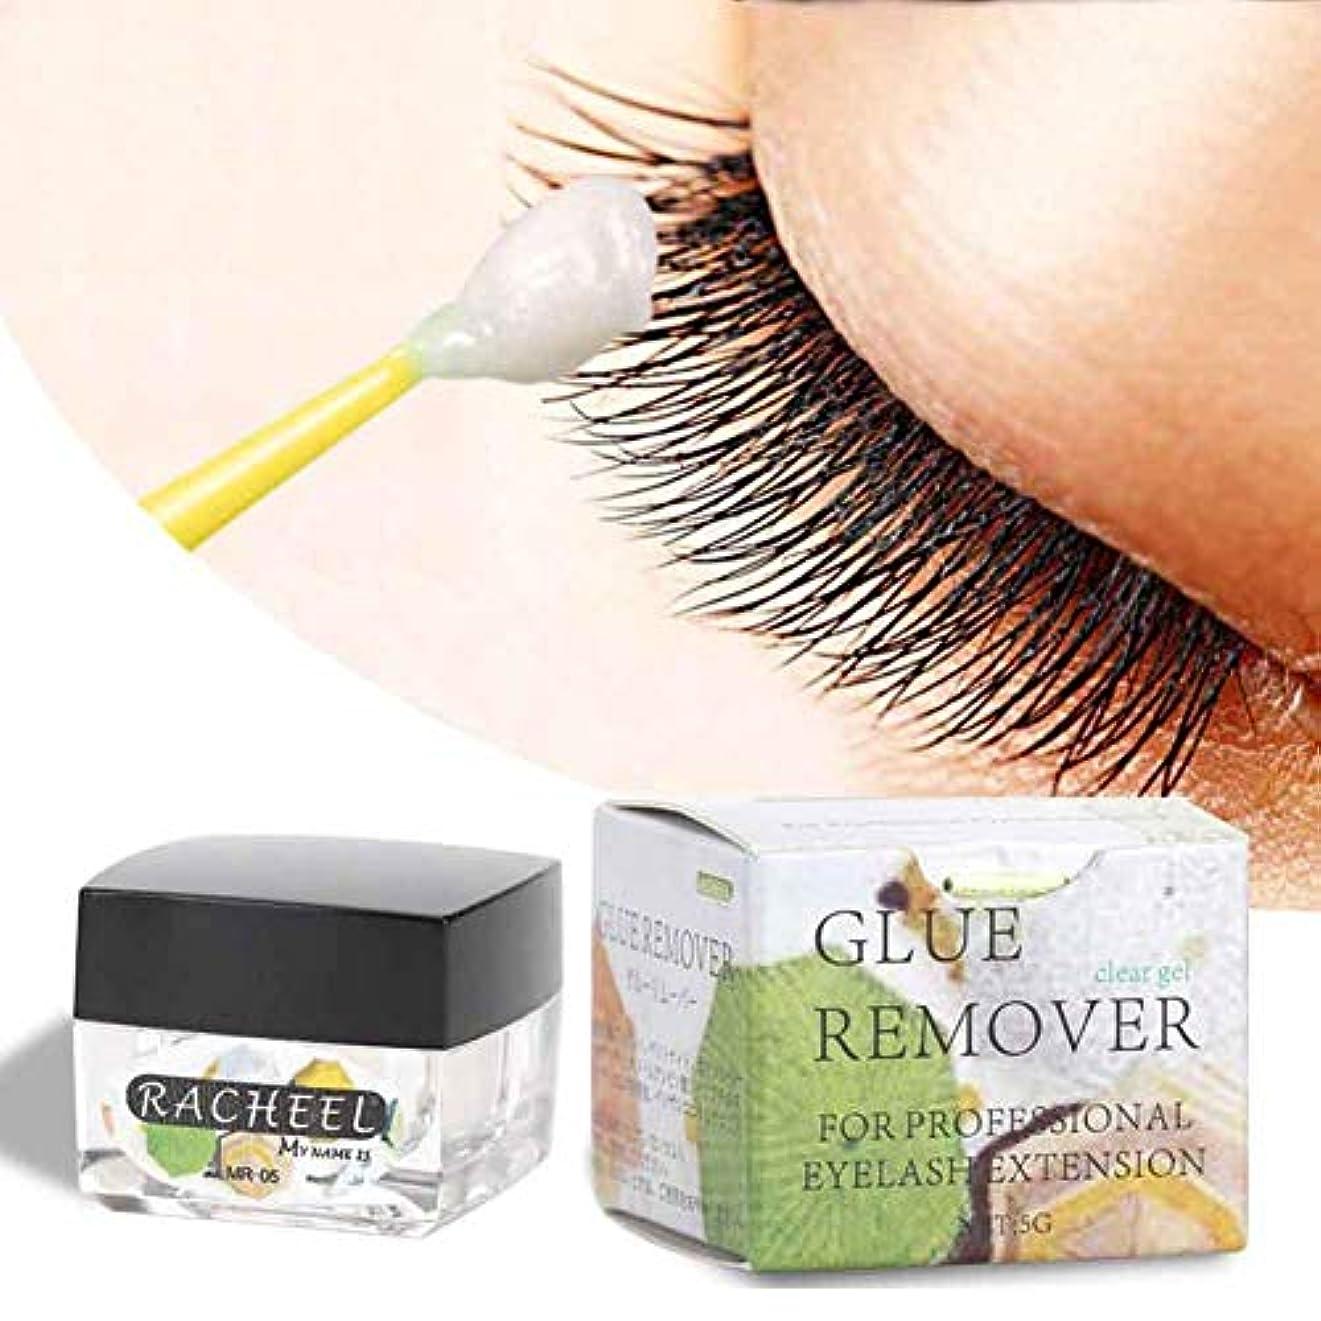 教養がある甲虫新しい意味SILUN つけまつげ用接着剤リムーバー まつ毛除去剤 プロ用まつ毛クリームを除去するクリーム 抗刺激性グラフトまつげエクステンションリムーバー